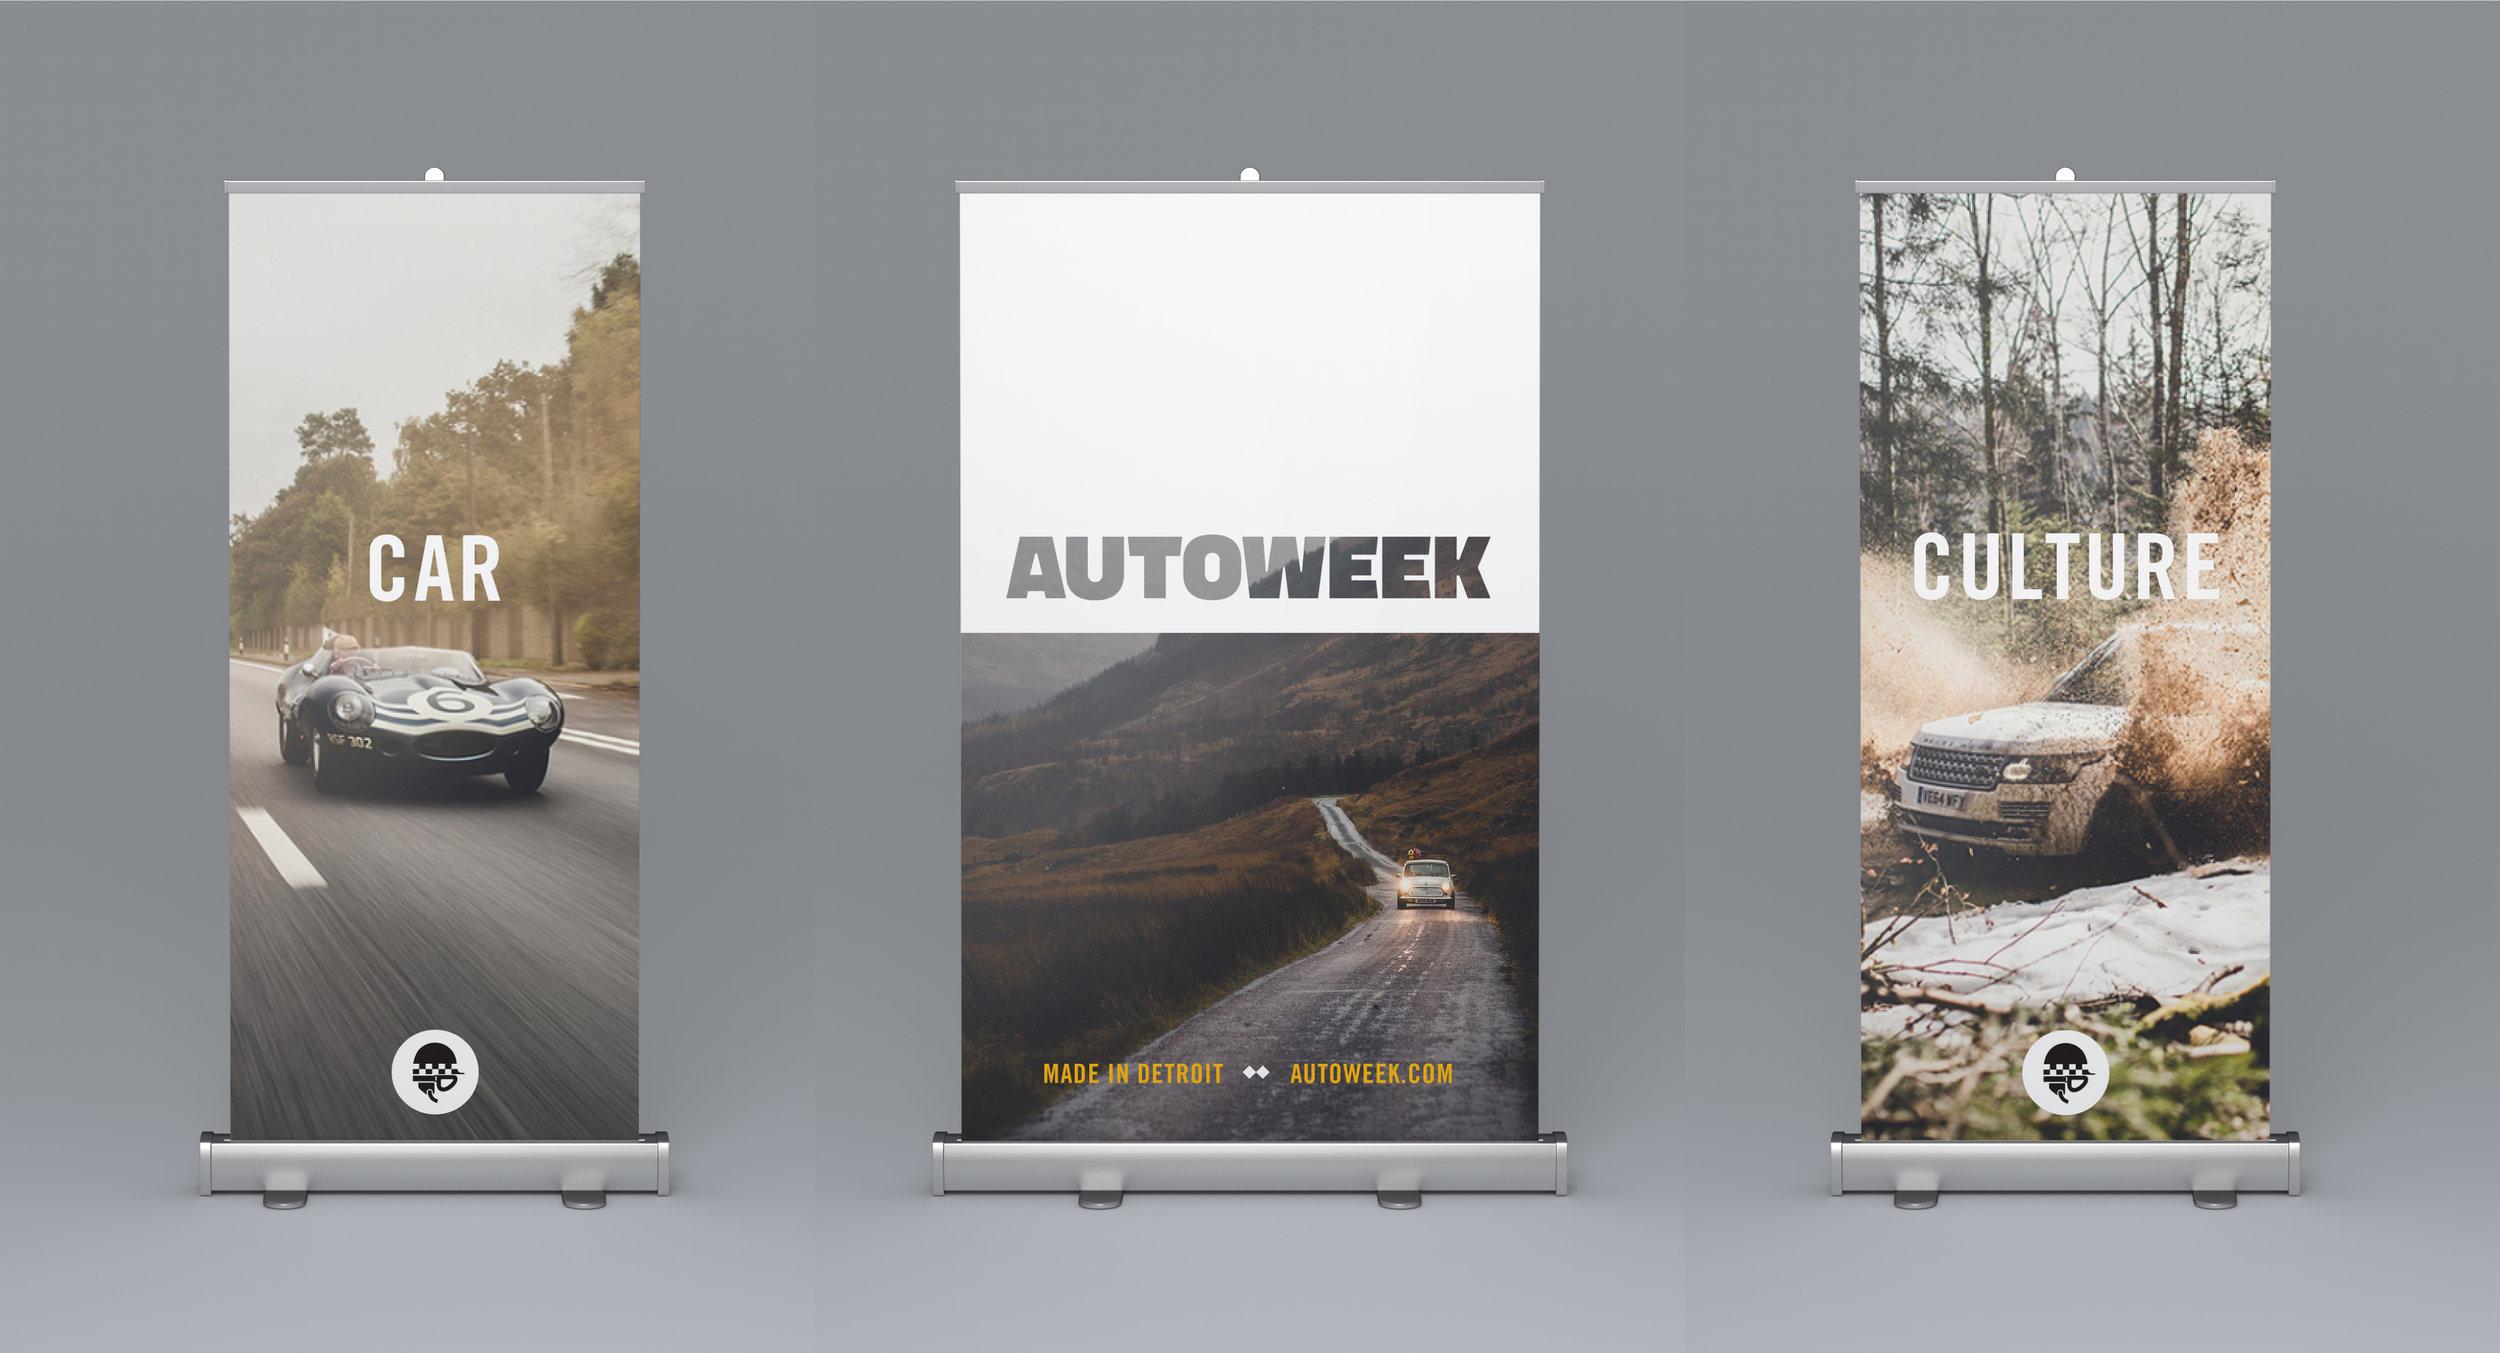 autoweek-banners.jpg